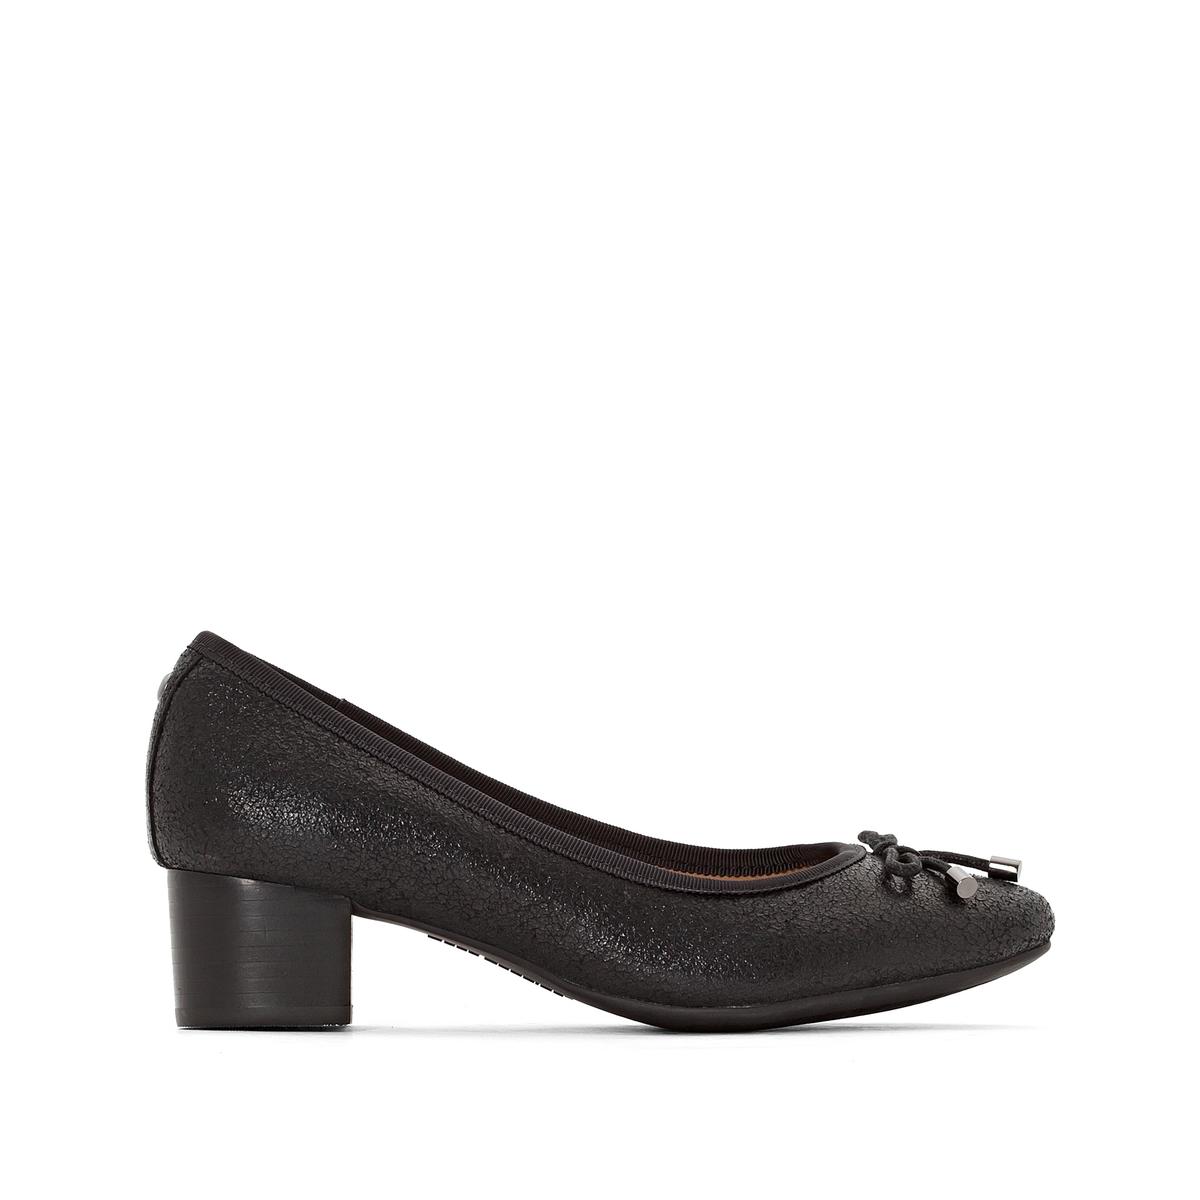 Туфли кожаные Nikita DiscoverПодкладка : текстиль Стелька : кожа Подошва : каучук Высота каблука : 4,5 см Форма каблука : широкий Мысок : закругленный Застежка : без застежки<br><br>Цвет: черный